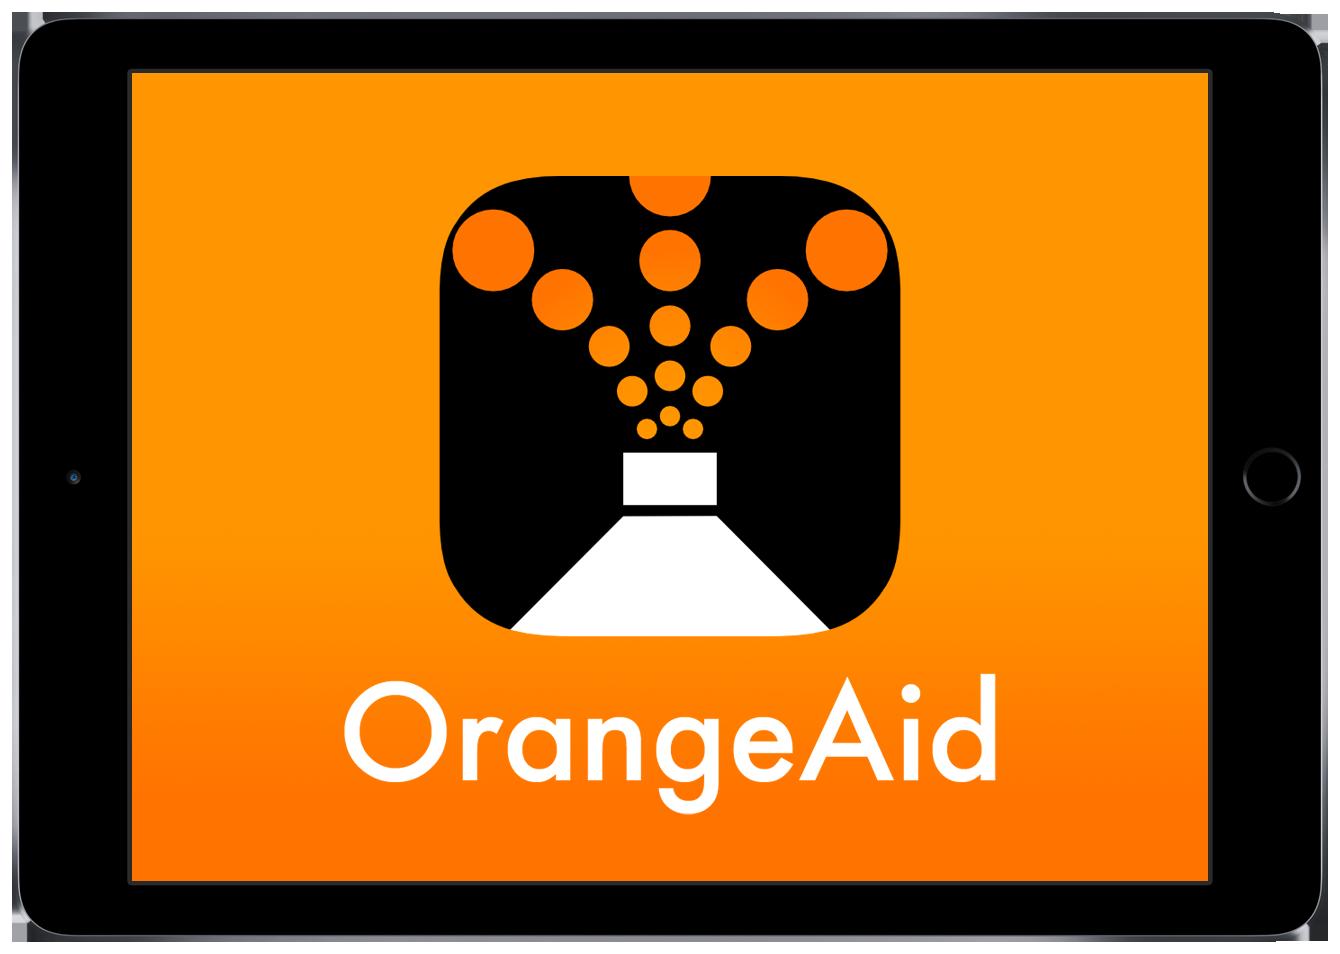 sz-orangeaid-ipad